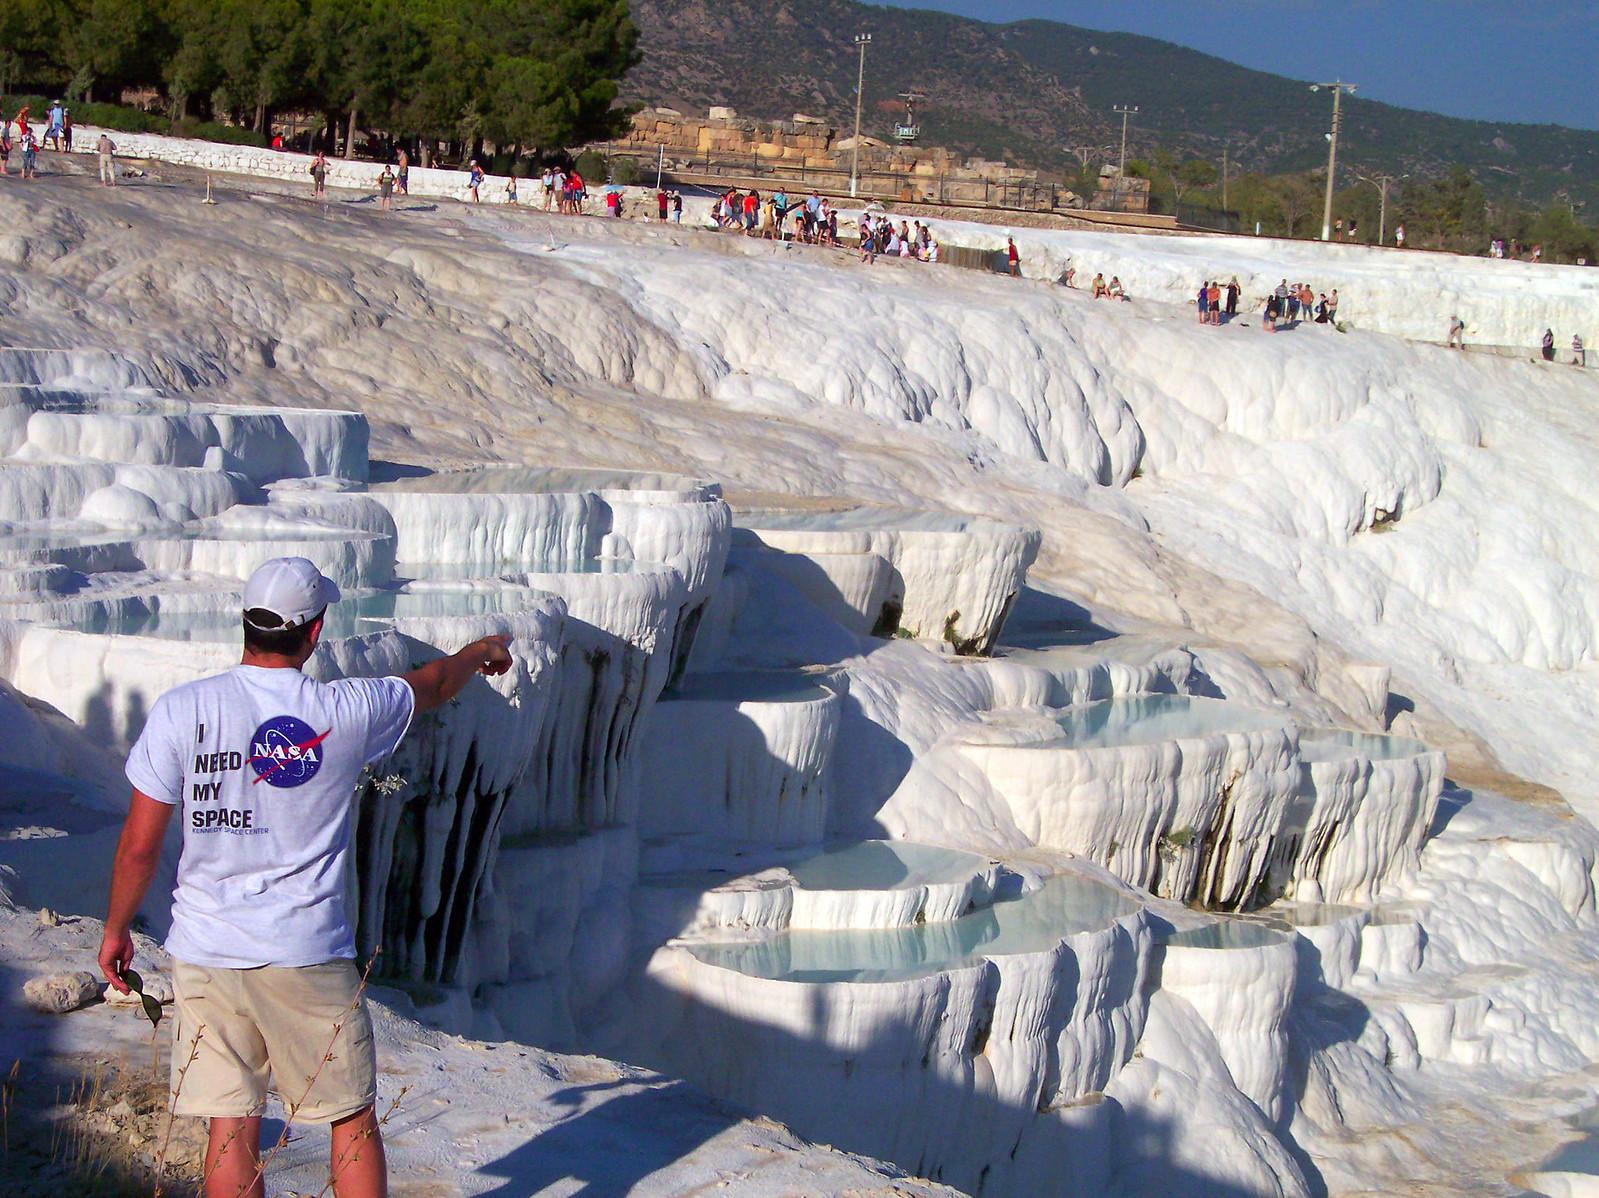 ¿ es seguro viajar a Turquía ? es seguro viajar a turquía - 45959205711 2557c2abac h - ¿ Es seguro viajar a Turquía ?